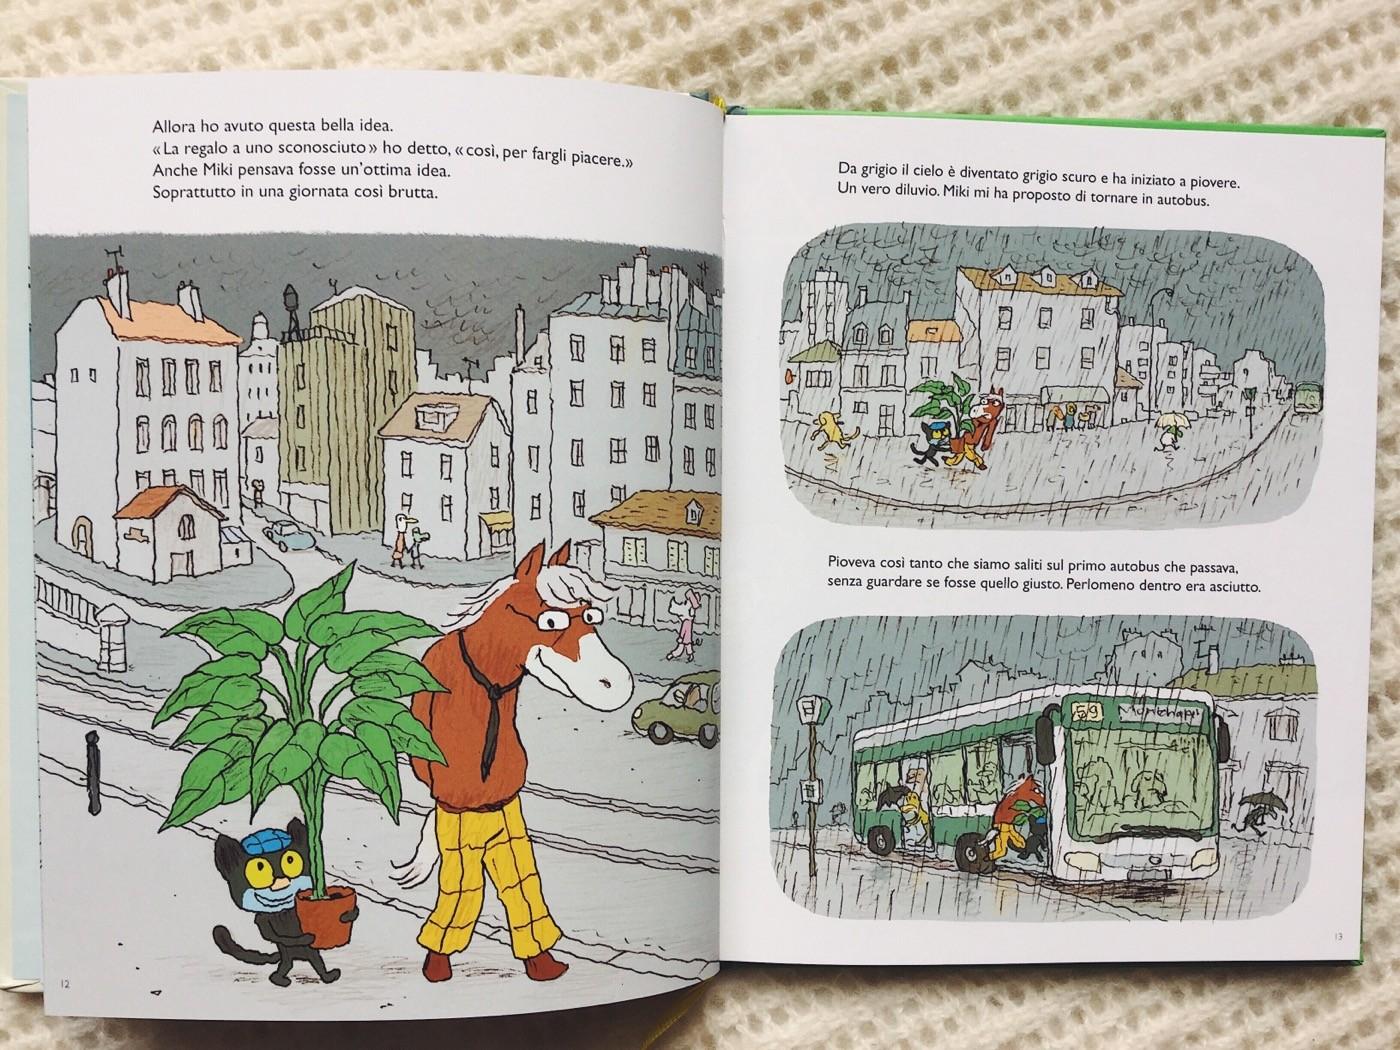 Luigi-giorno-in-cui-ho-regalato-una-pianta-a-sconosciuto-Nicolas-Hubesch-Catharina-Valckx-Babalibri